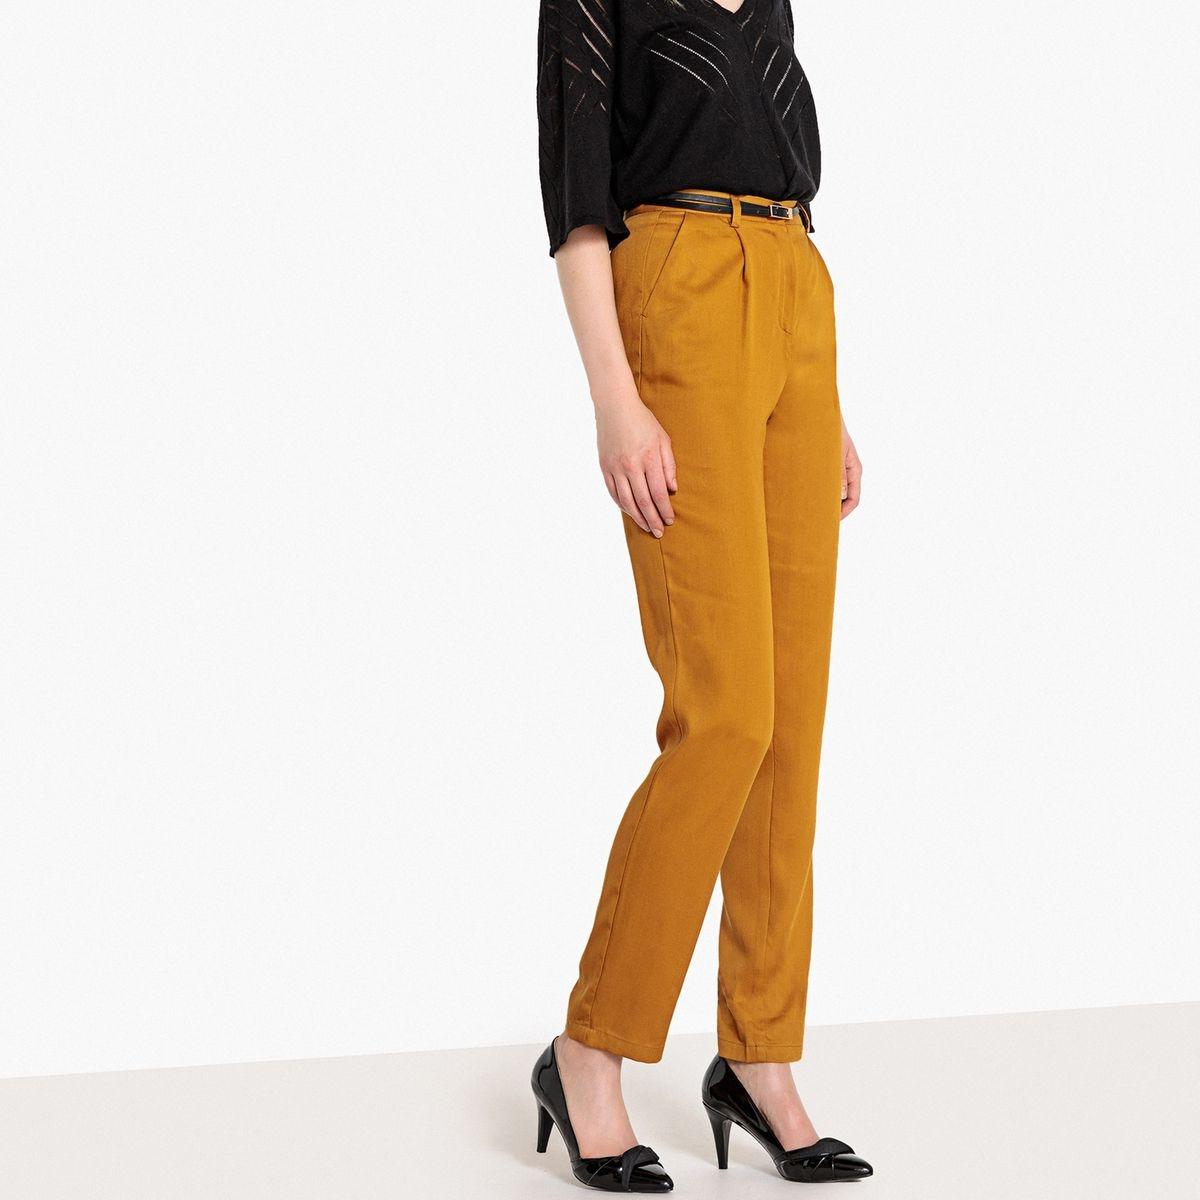 Pantalon taille haute, lyocell